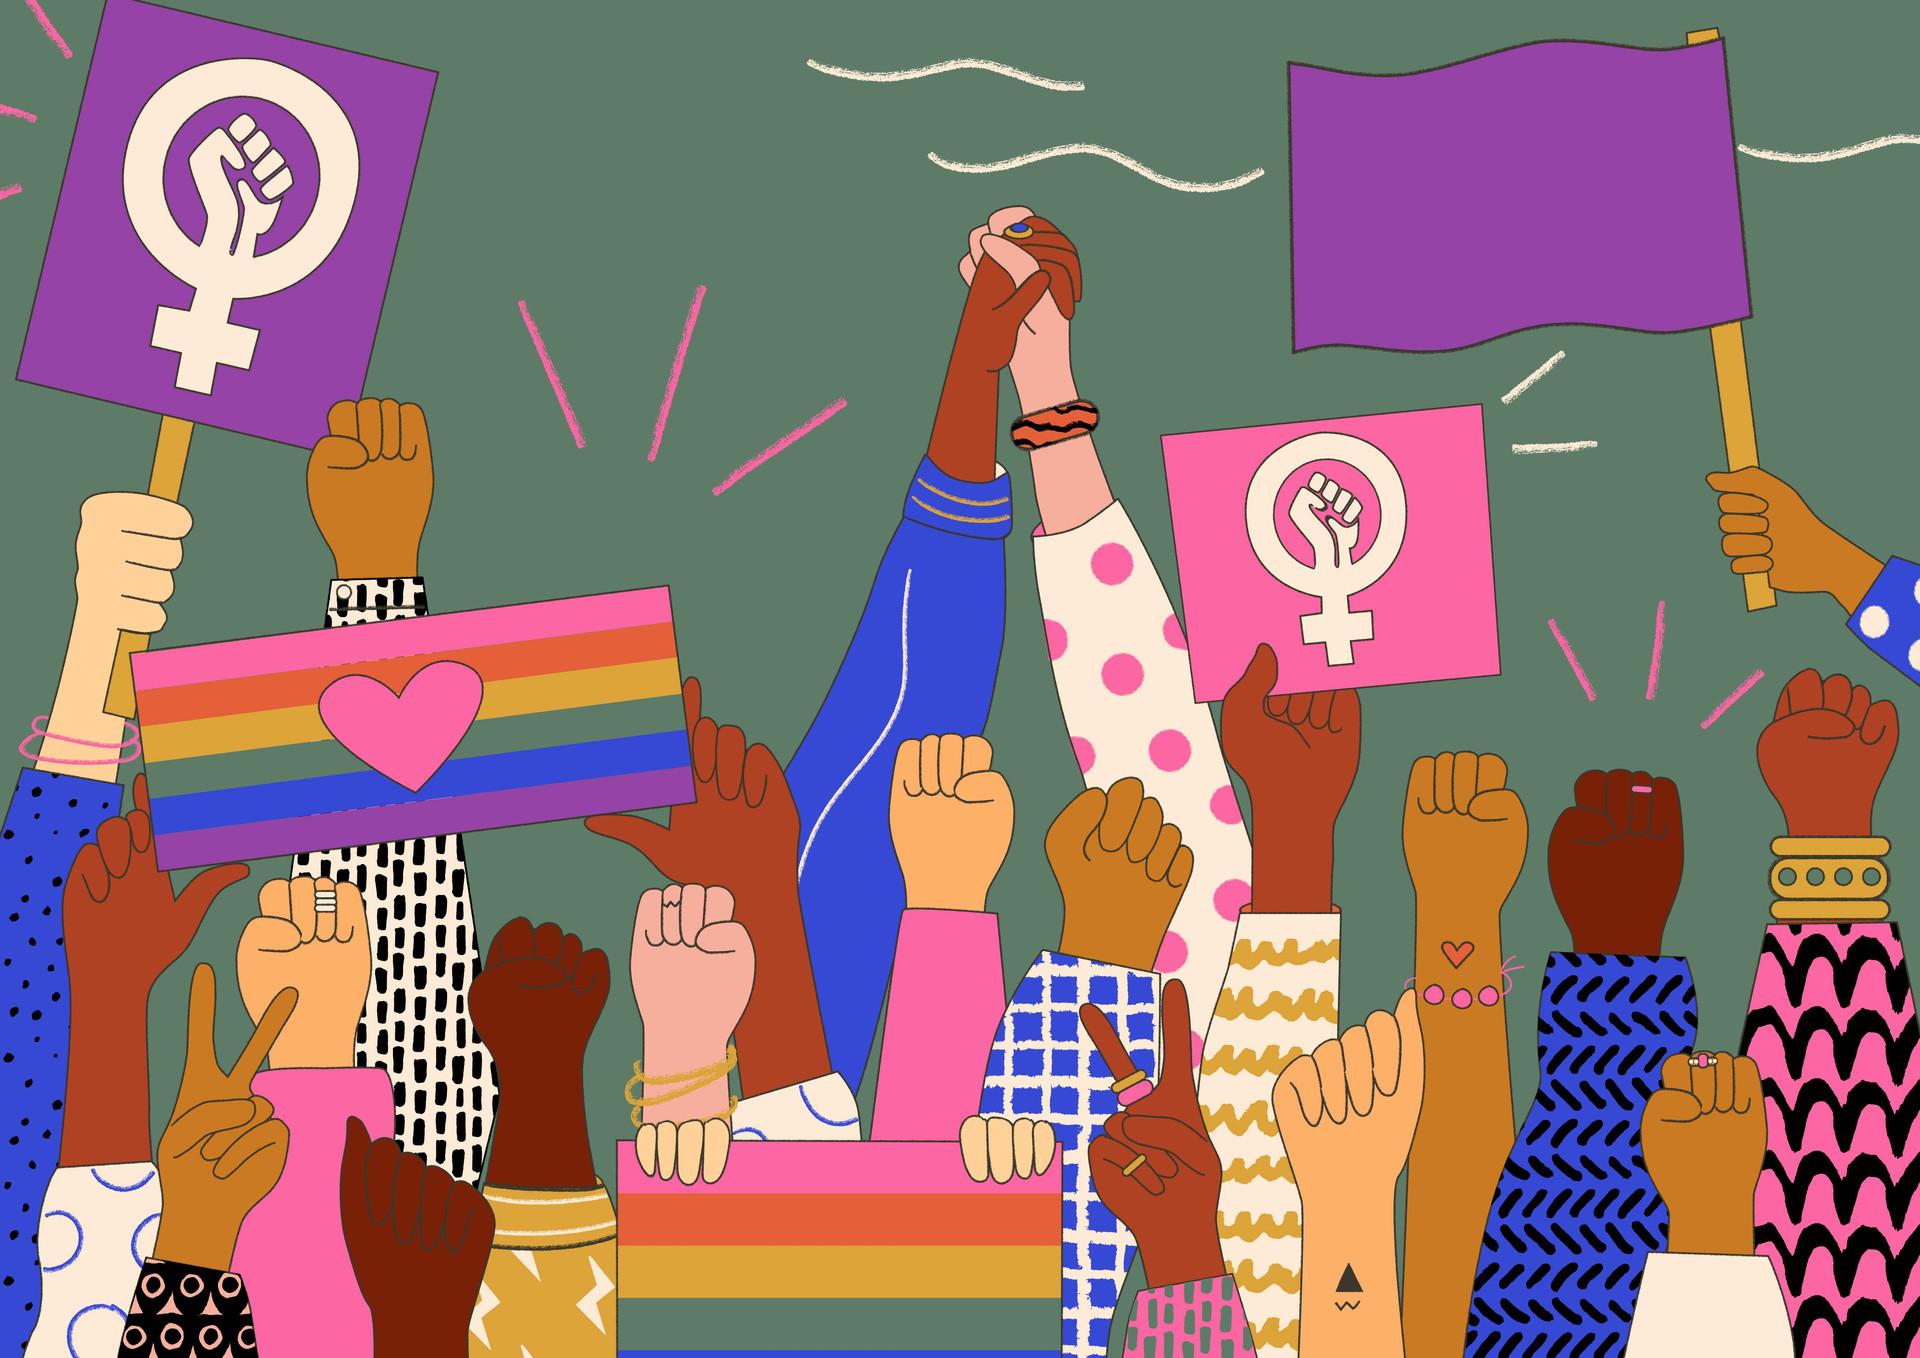 Colour_White Feminism_01-01 2.jpg